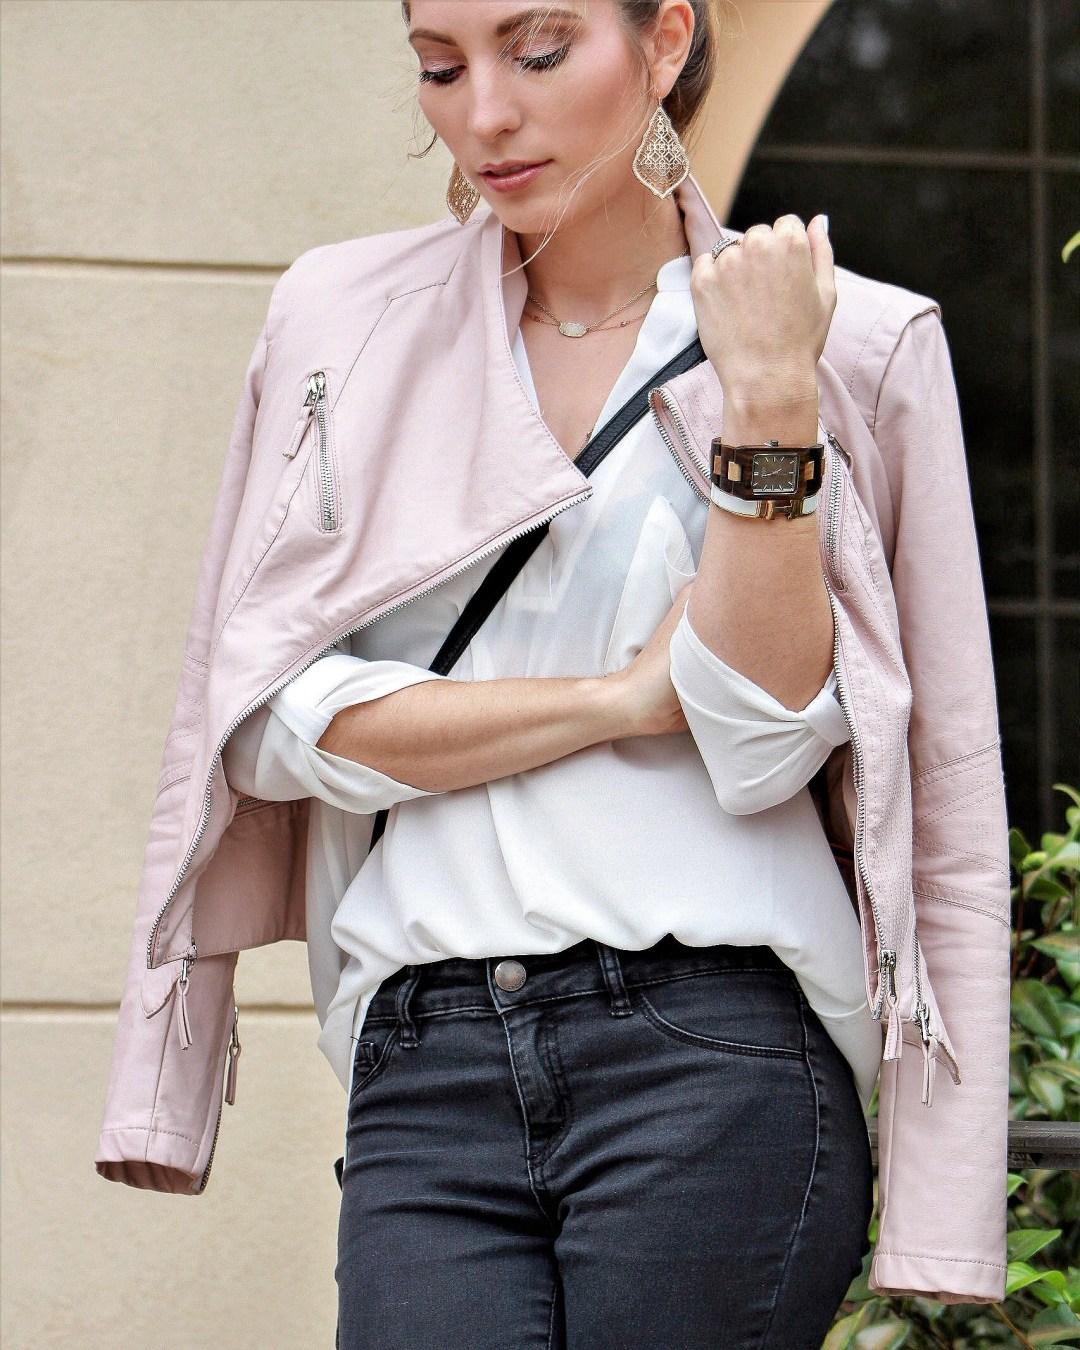 Jord Watch Reece Khaki Blush Leather